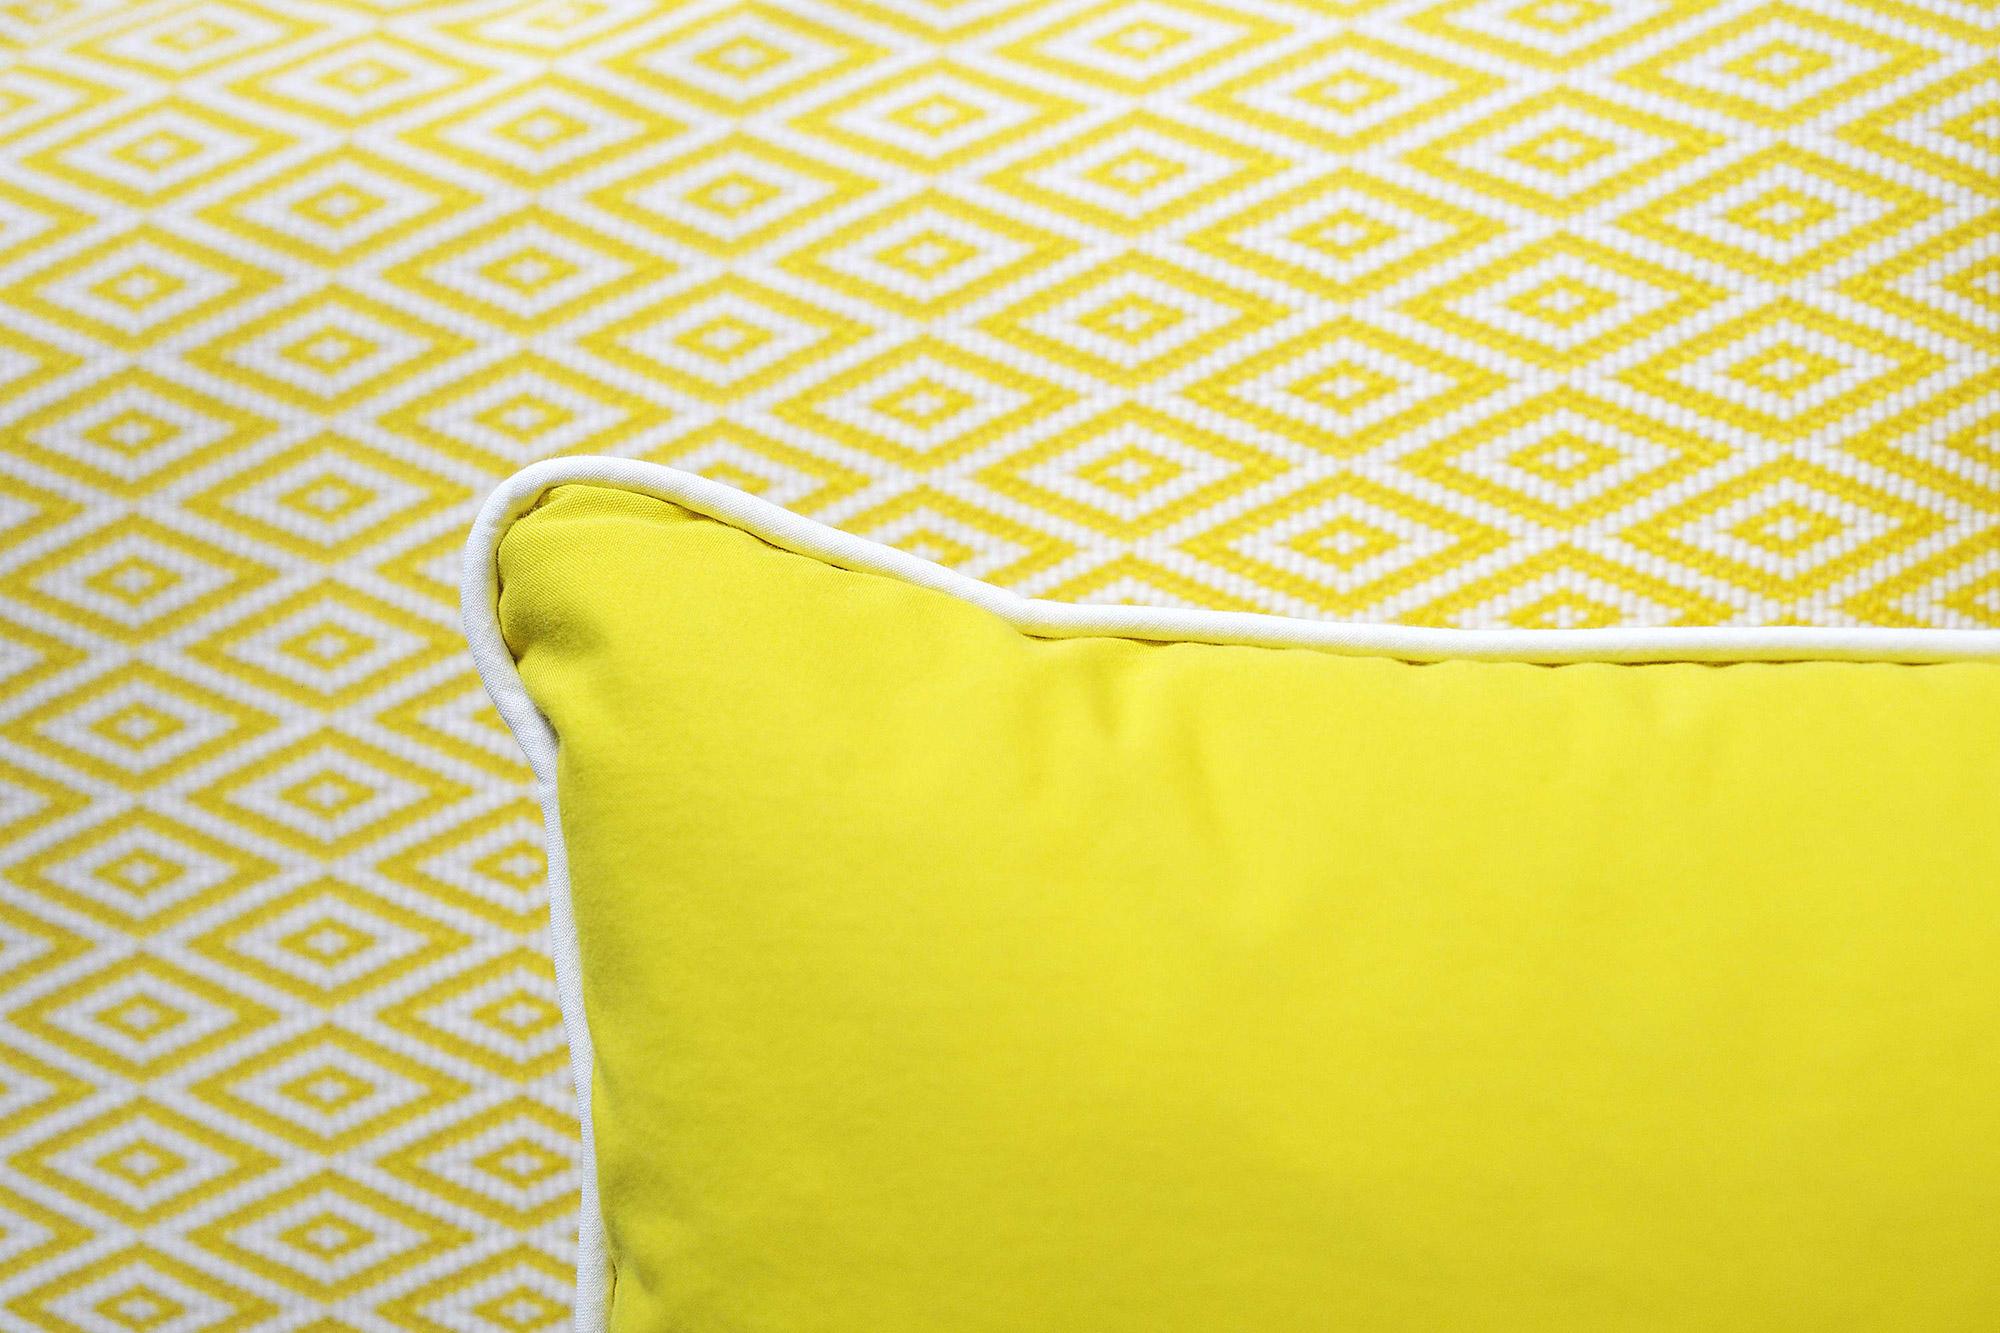 Coussin jaune et papier peint jaune graphique